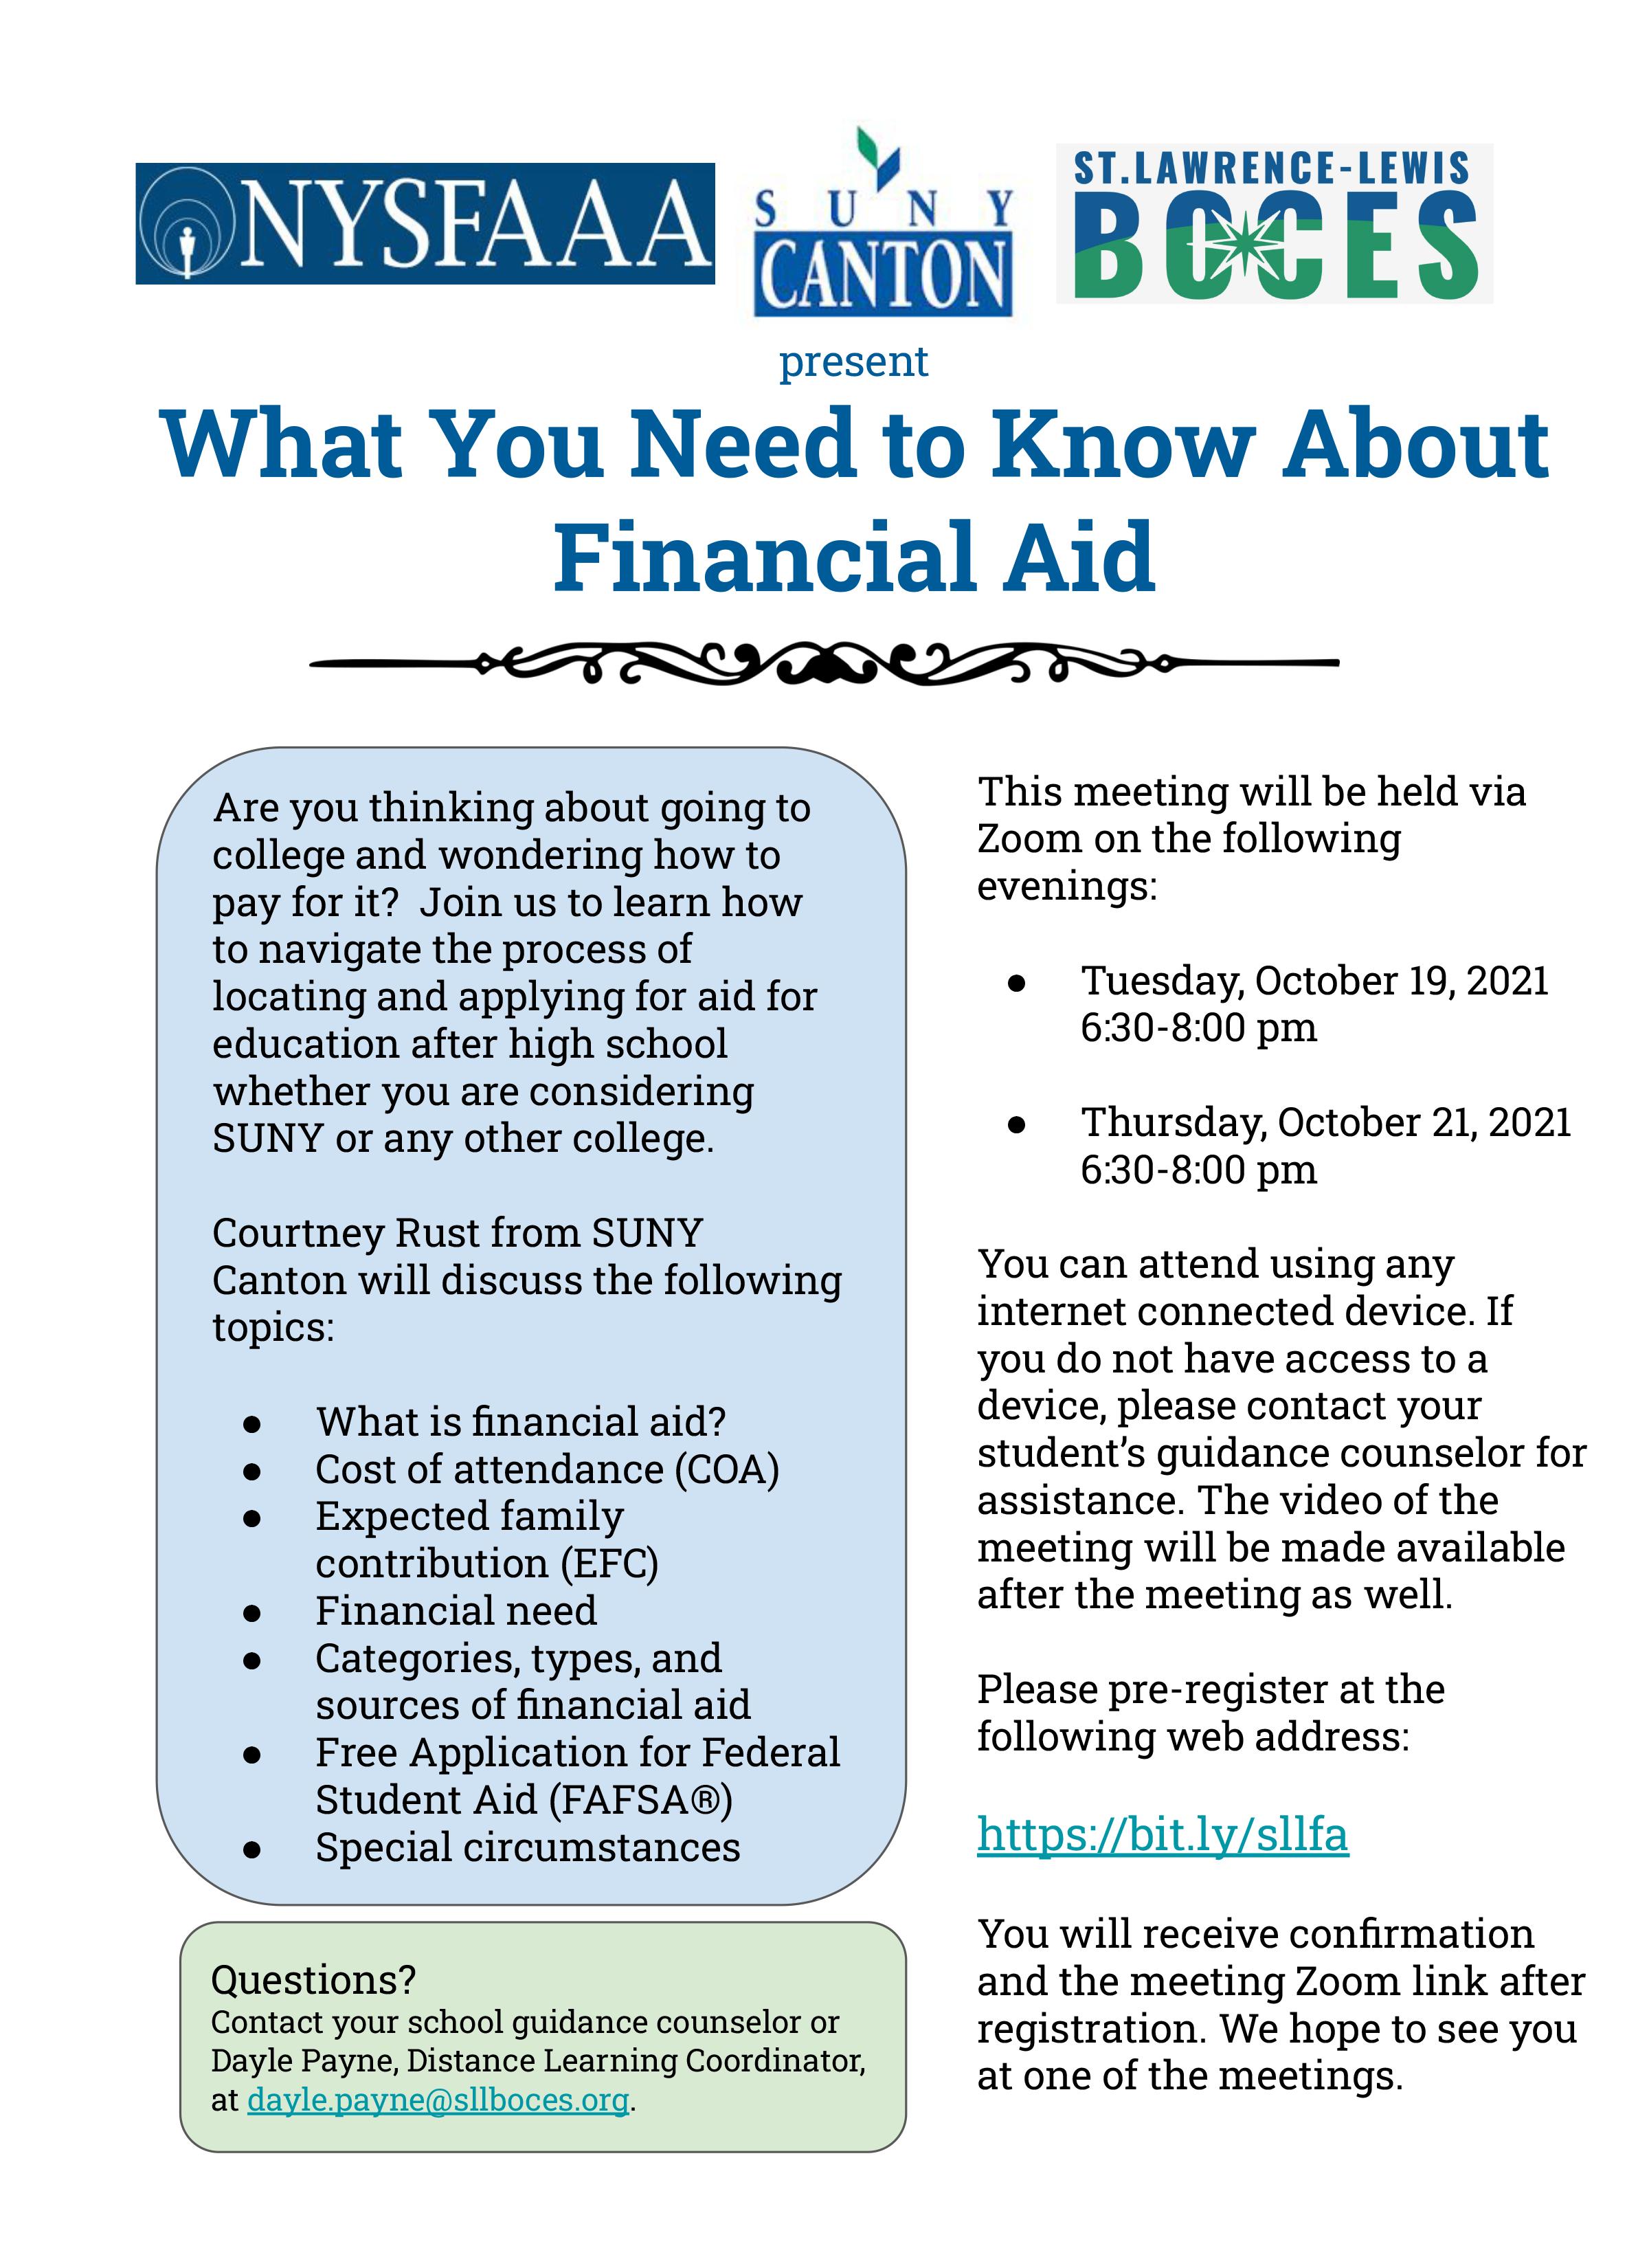 Financial Aid Night Flyer